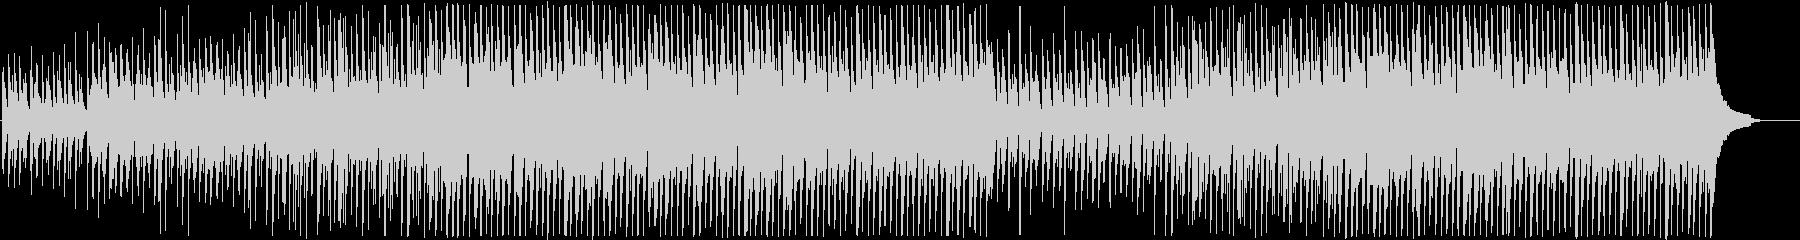 ピアノとウクレレがメインのハッピーな曲の未再生の波形